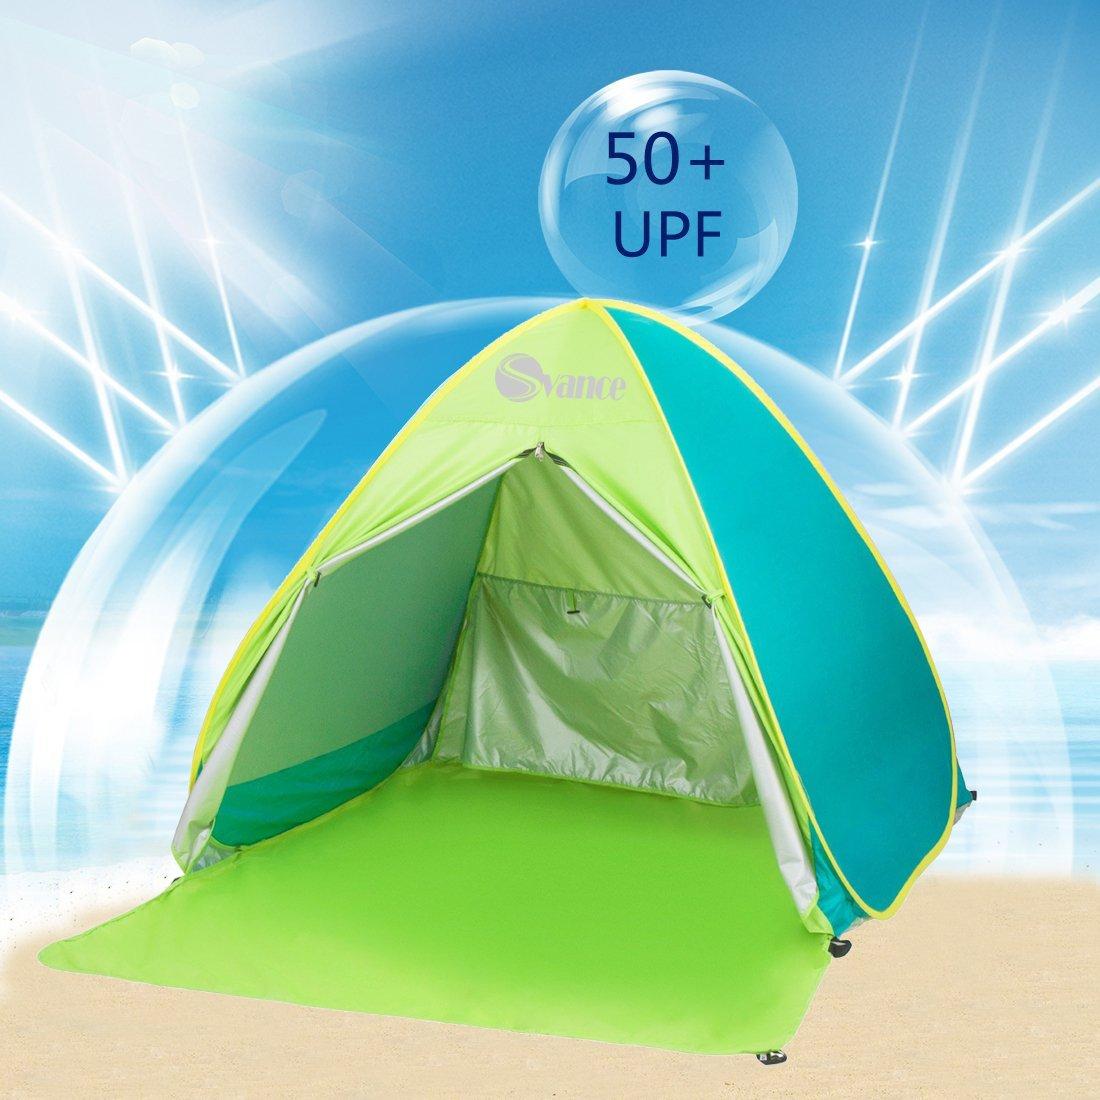 Camping Pesca jard/ín KKTECT Tienda Familiar de Playa Tienda de campa/ña de Sombra Ligera Anti-UV de 7 * 7 pies Tienda de Playa de f/ácil instalaci/ón Puede acomodar a 3-4 Adultos para Playa Picnic